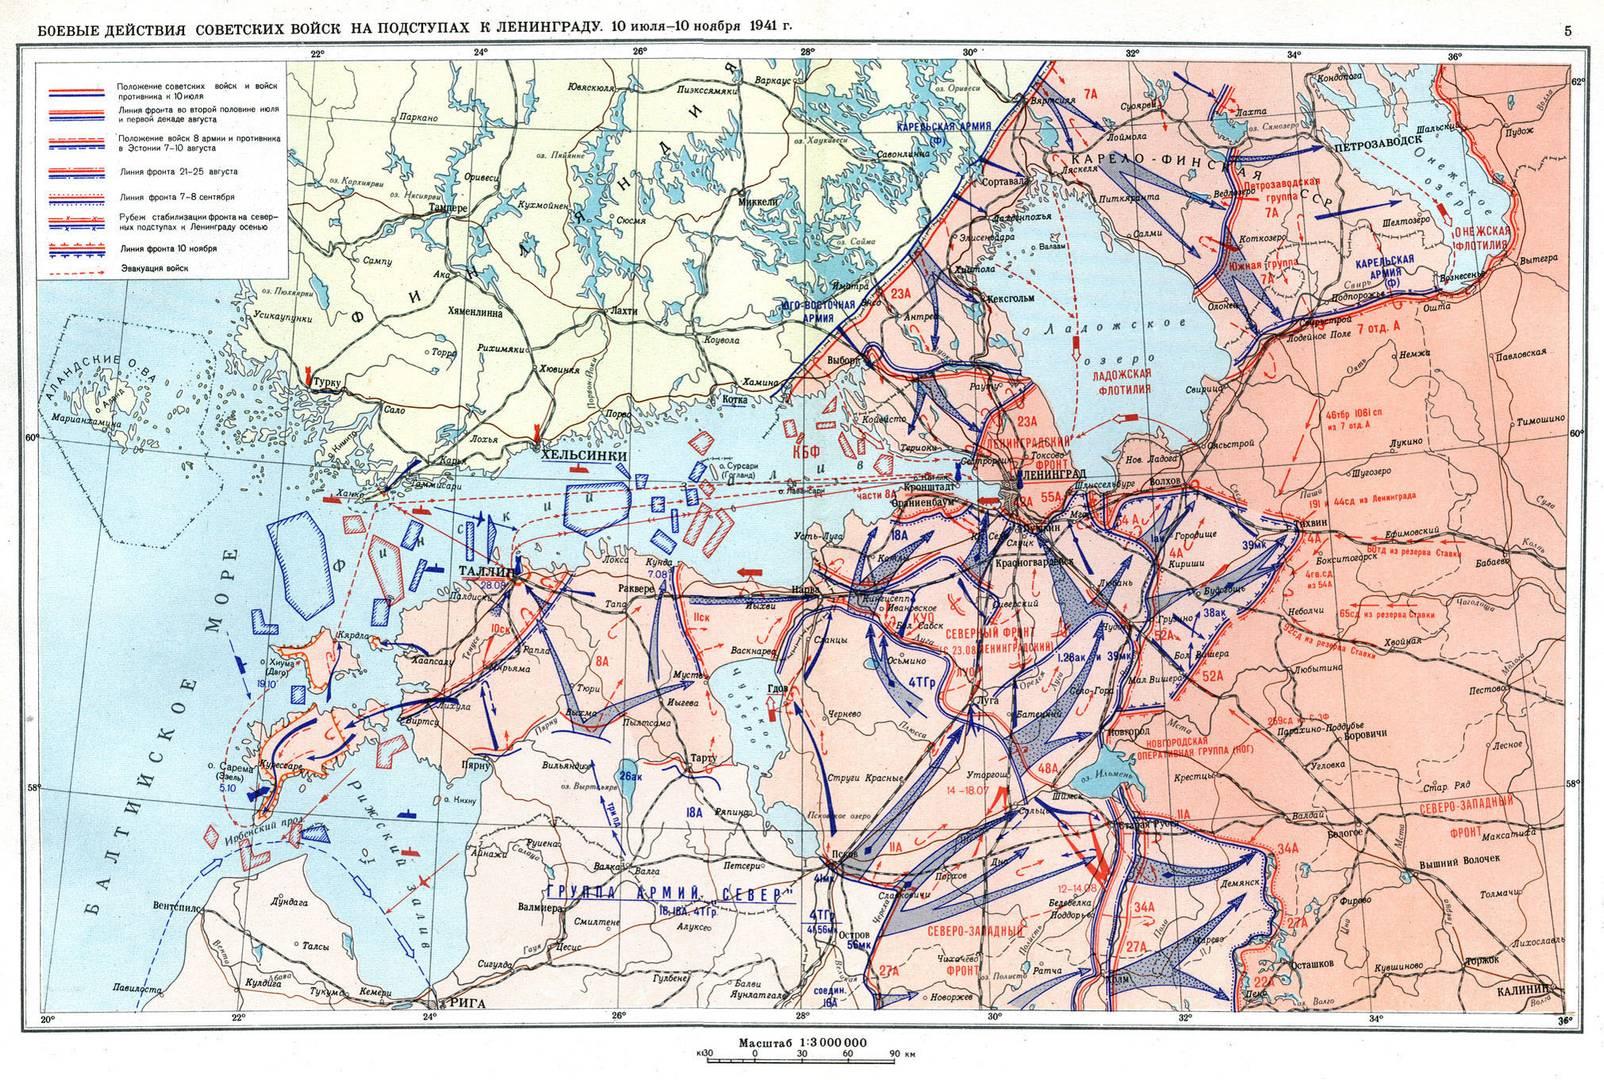 Боевые действия советских войск на подступах к Ленинграду. 10 июля—10 ноября 1941 г.